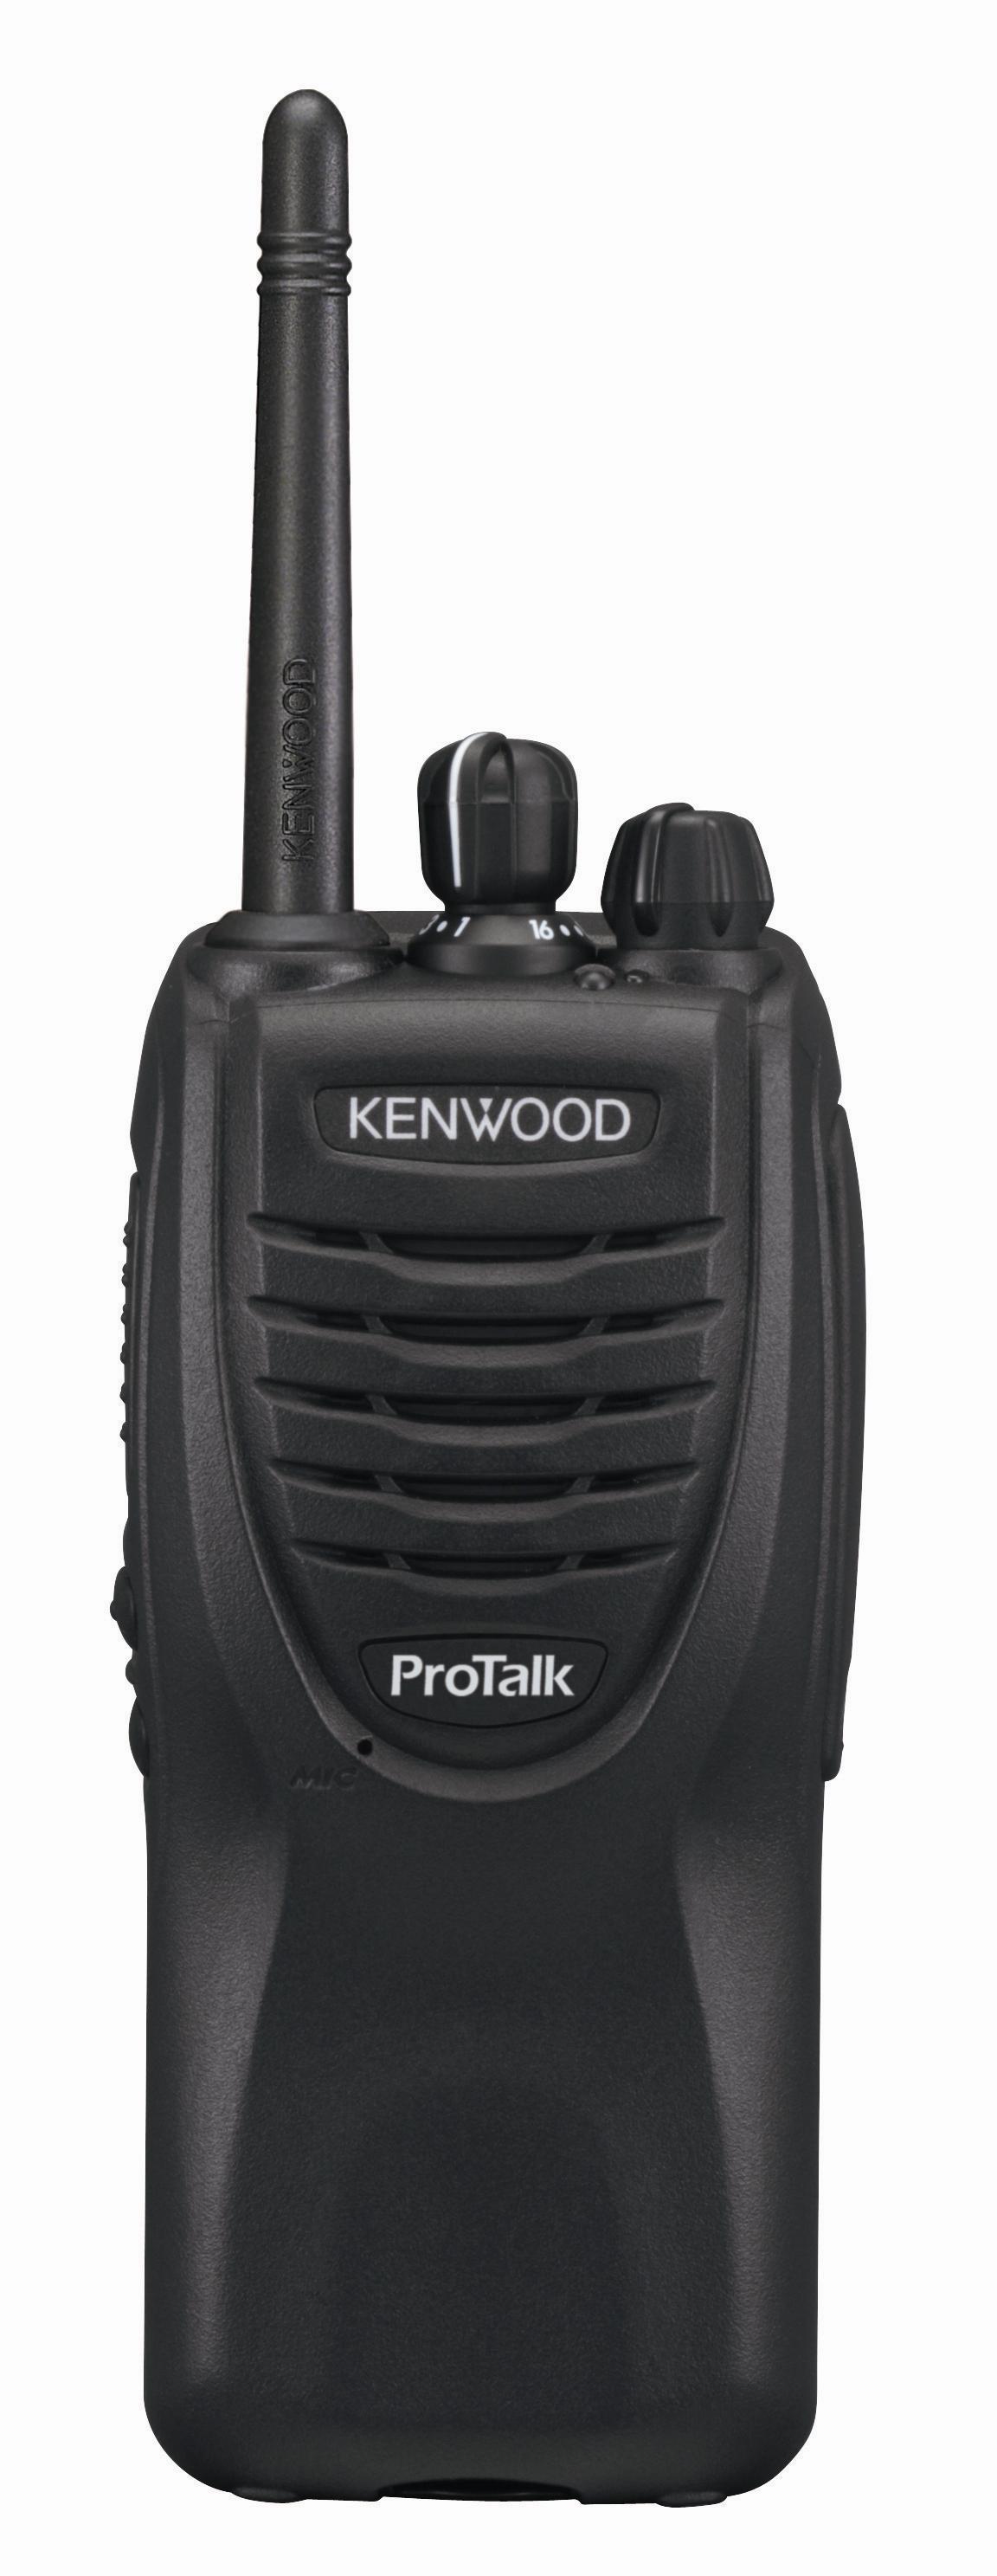 KENWOOD TK-3301: Catálogo de Olanni Electronics